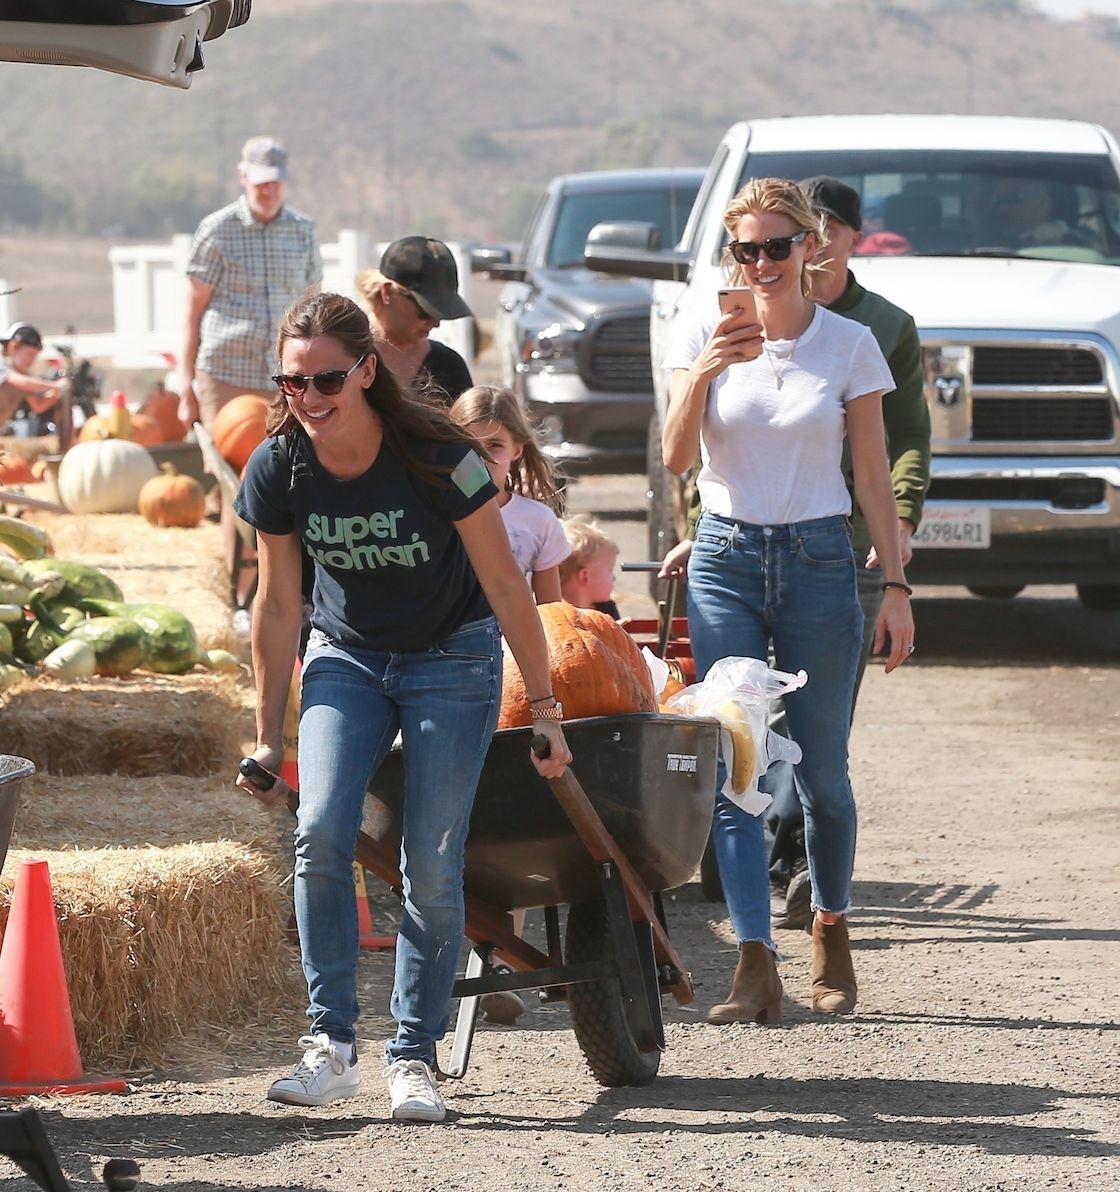 Jennifer Garner : loin des ennuis de son ex, elle s'éclate à la ferme avec ses enfants !